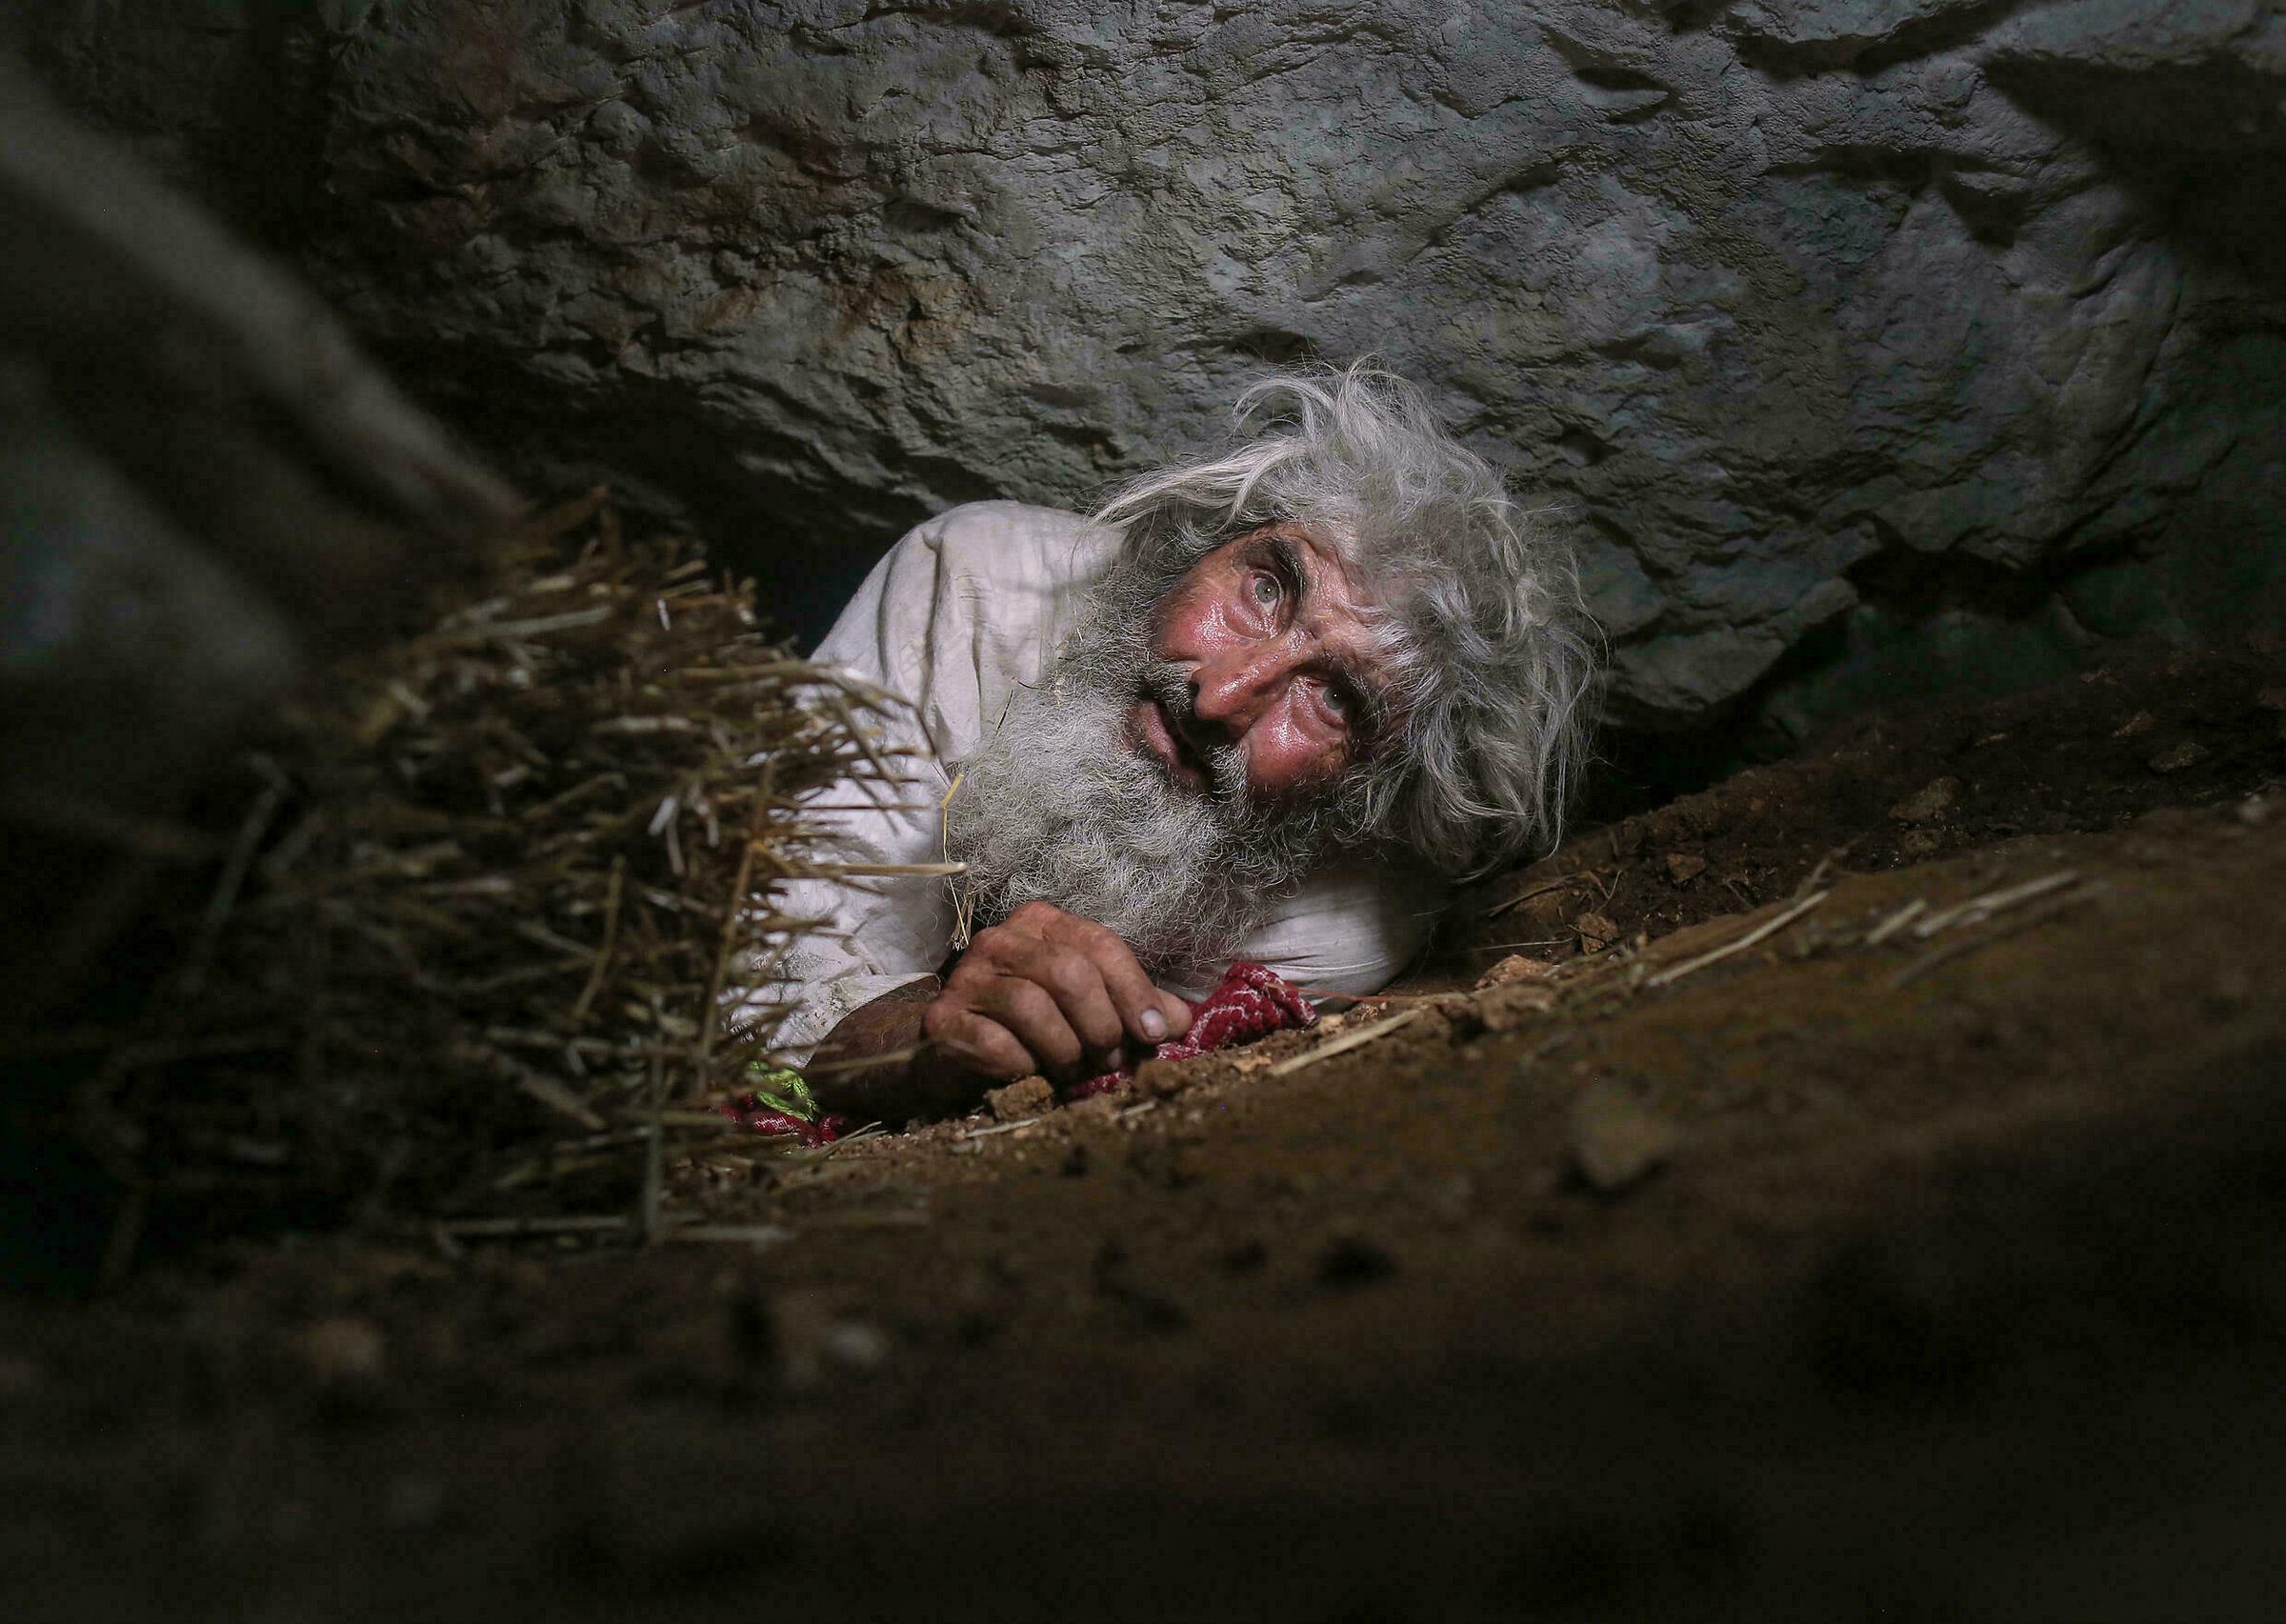 Ông Petrovic được gọi với các biệt danh như ẩn sĩ hay dị nhân khi quyết định sống trong hang động hẹp. Ông cho biết hang động chỉ có thể bước vào bằng cách leo những dốc núi thẳng đứng, không dành cho người yếu tim.